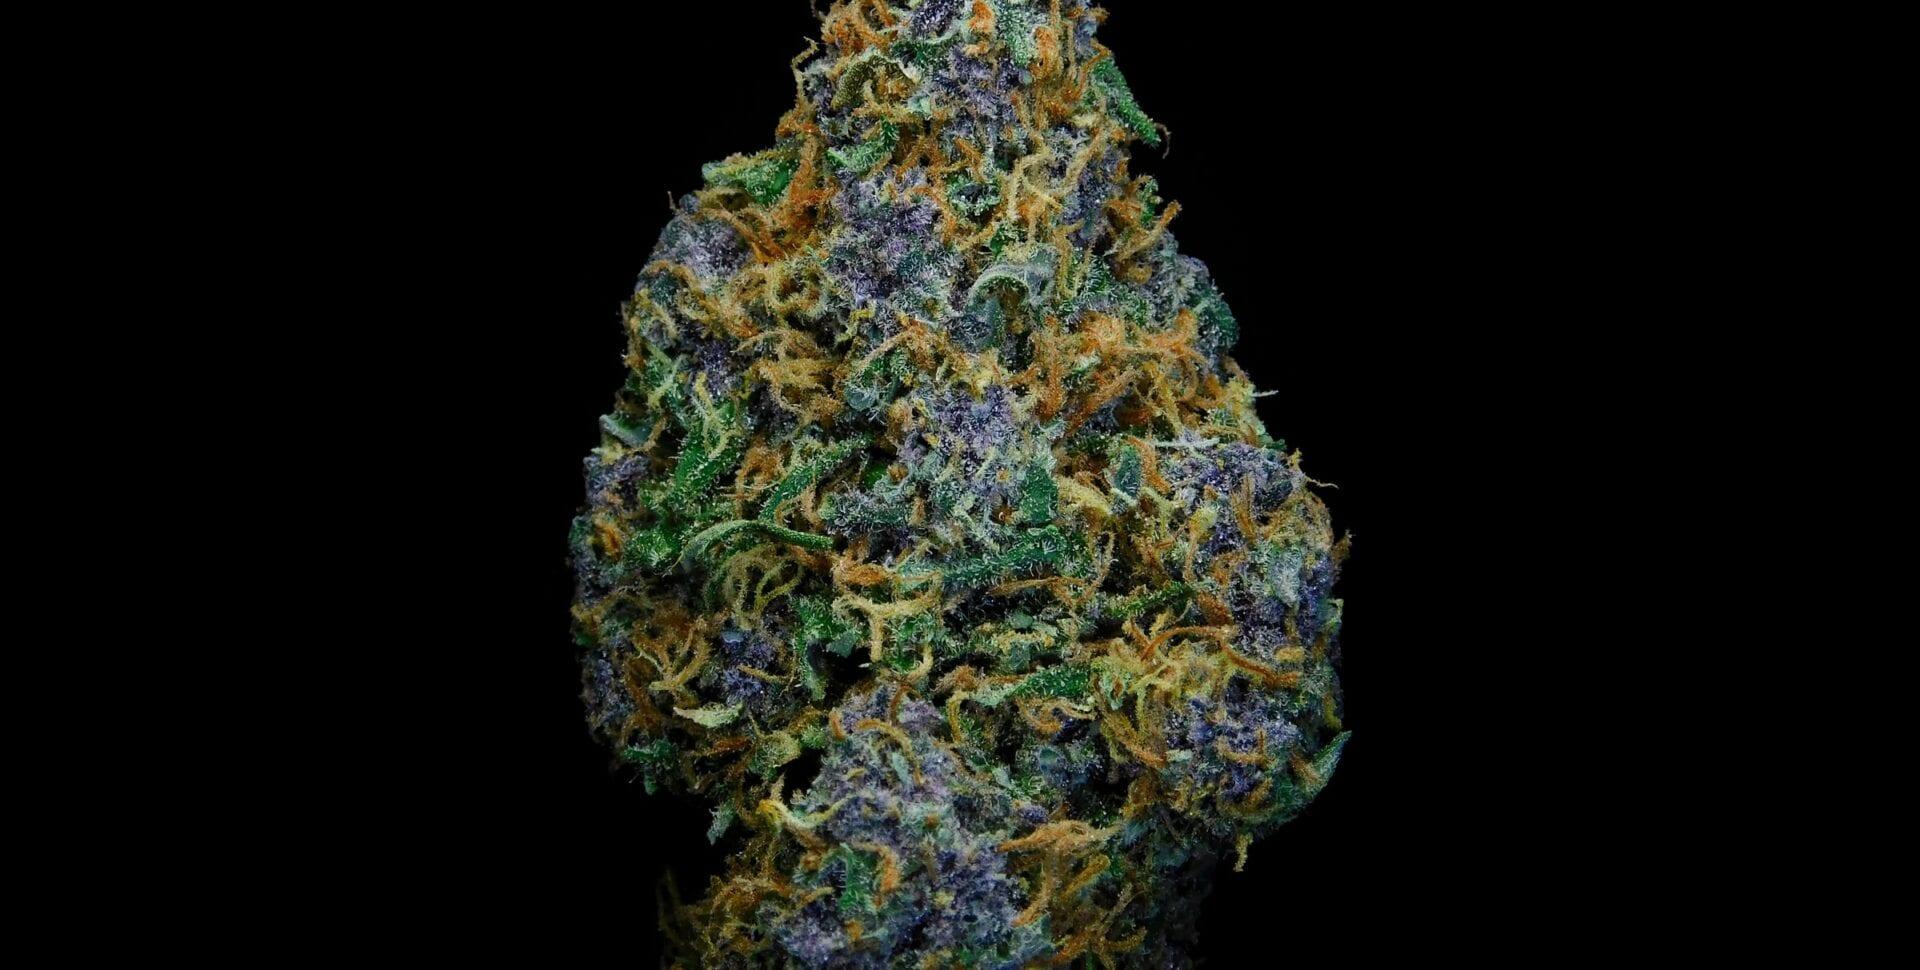 esculturas con marihuana